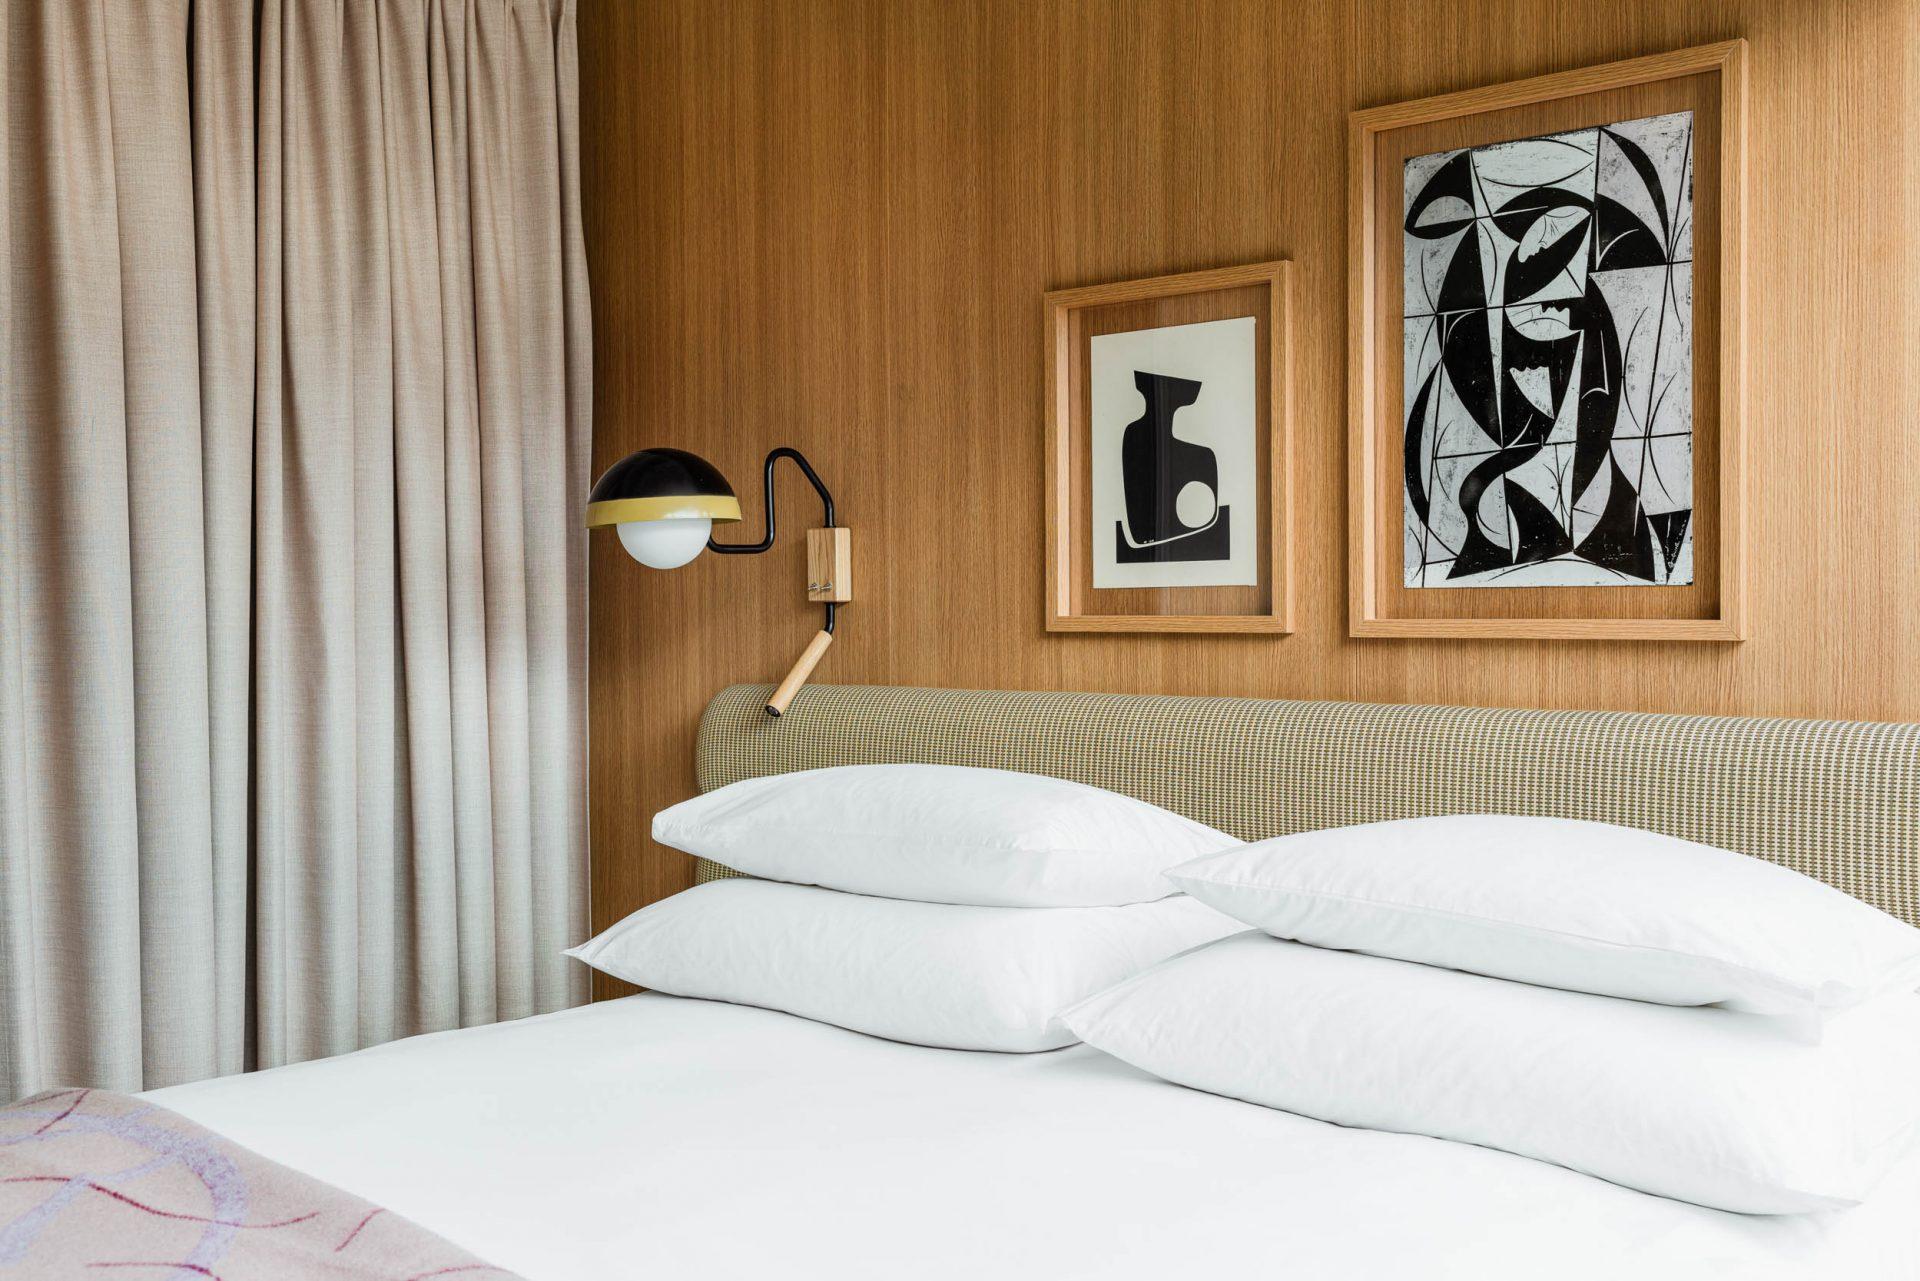 nowy_puro_hotel_krakow_old_town_paradowski_foto_pion_designalive-7